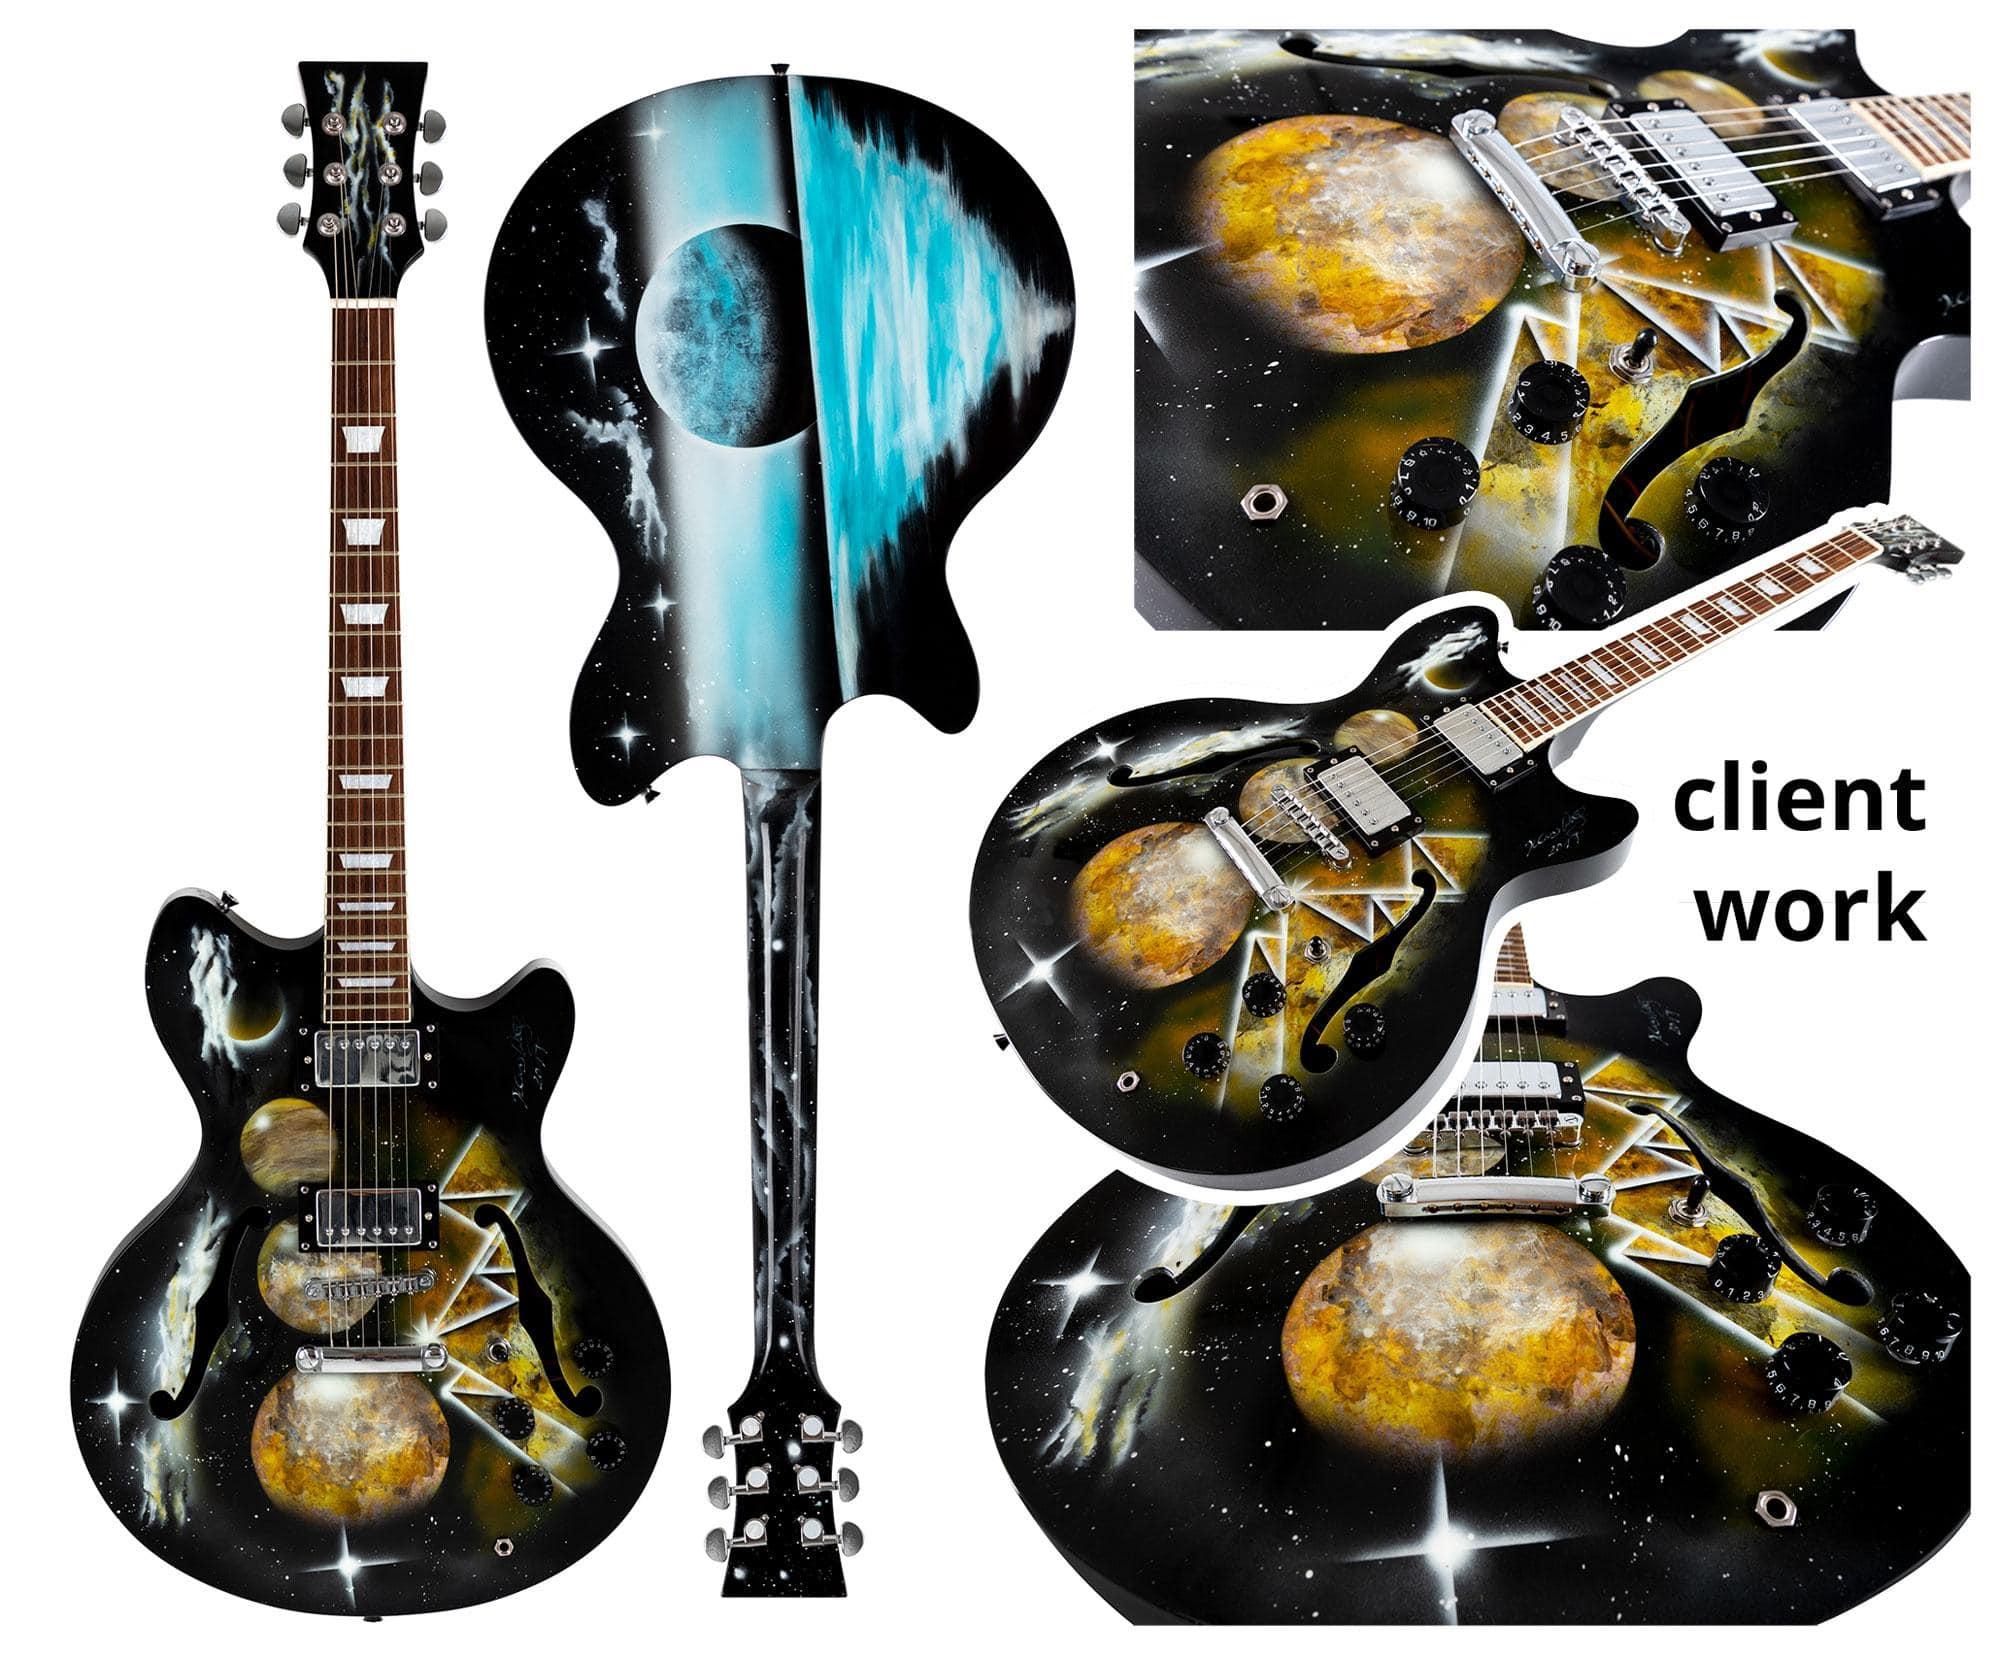 rocktile electric guitar hb style building kit. Black Bedroom Furniture Sets. Home Design Ideas